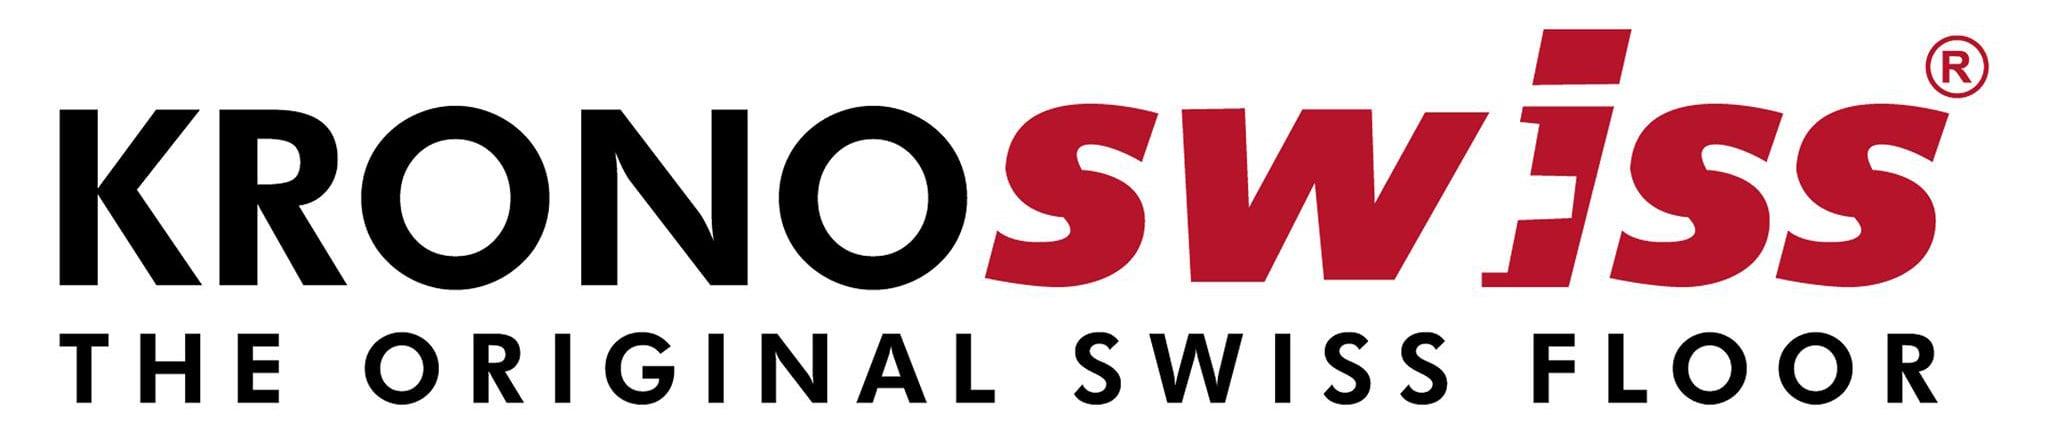 פרקט למינציה שווצרי קרונו סוויס Krono swiss דגם 3245